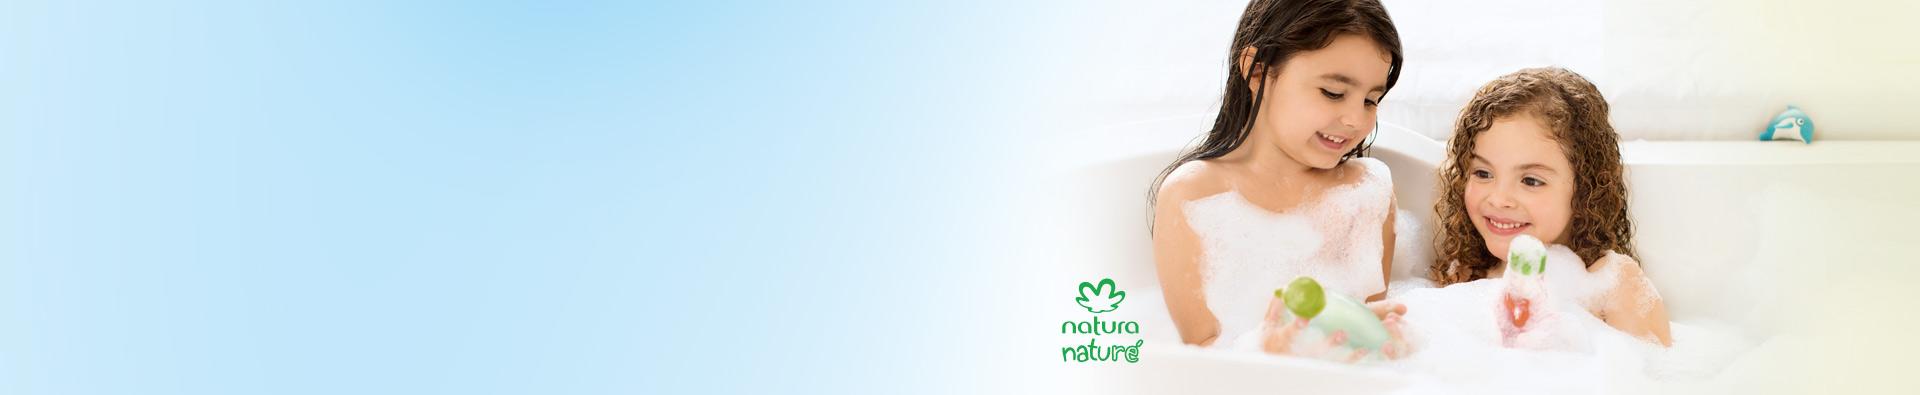 Niñas sonriendo y tomando un baño con productos Natura naturé